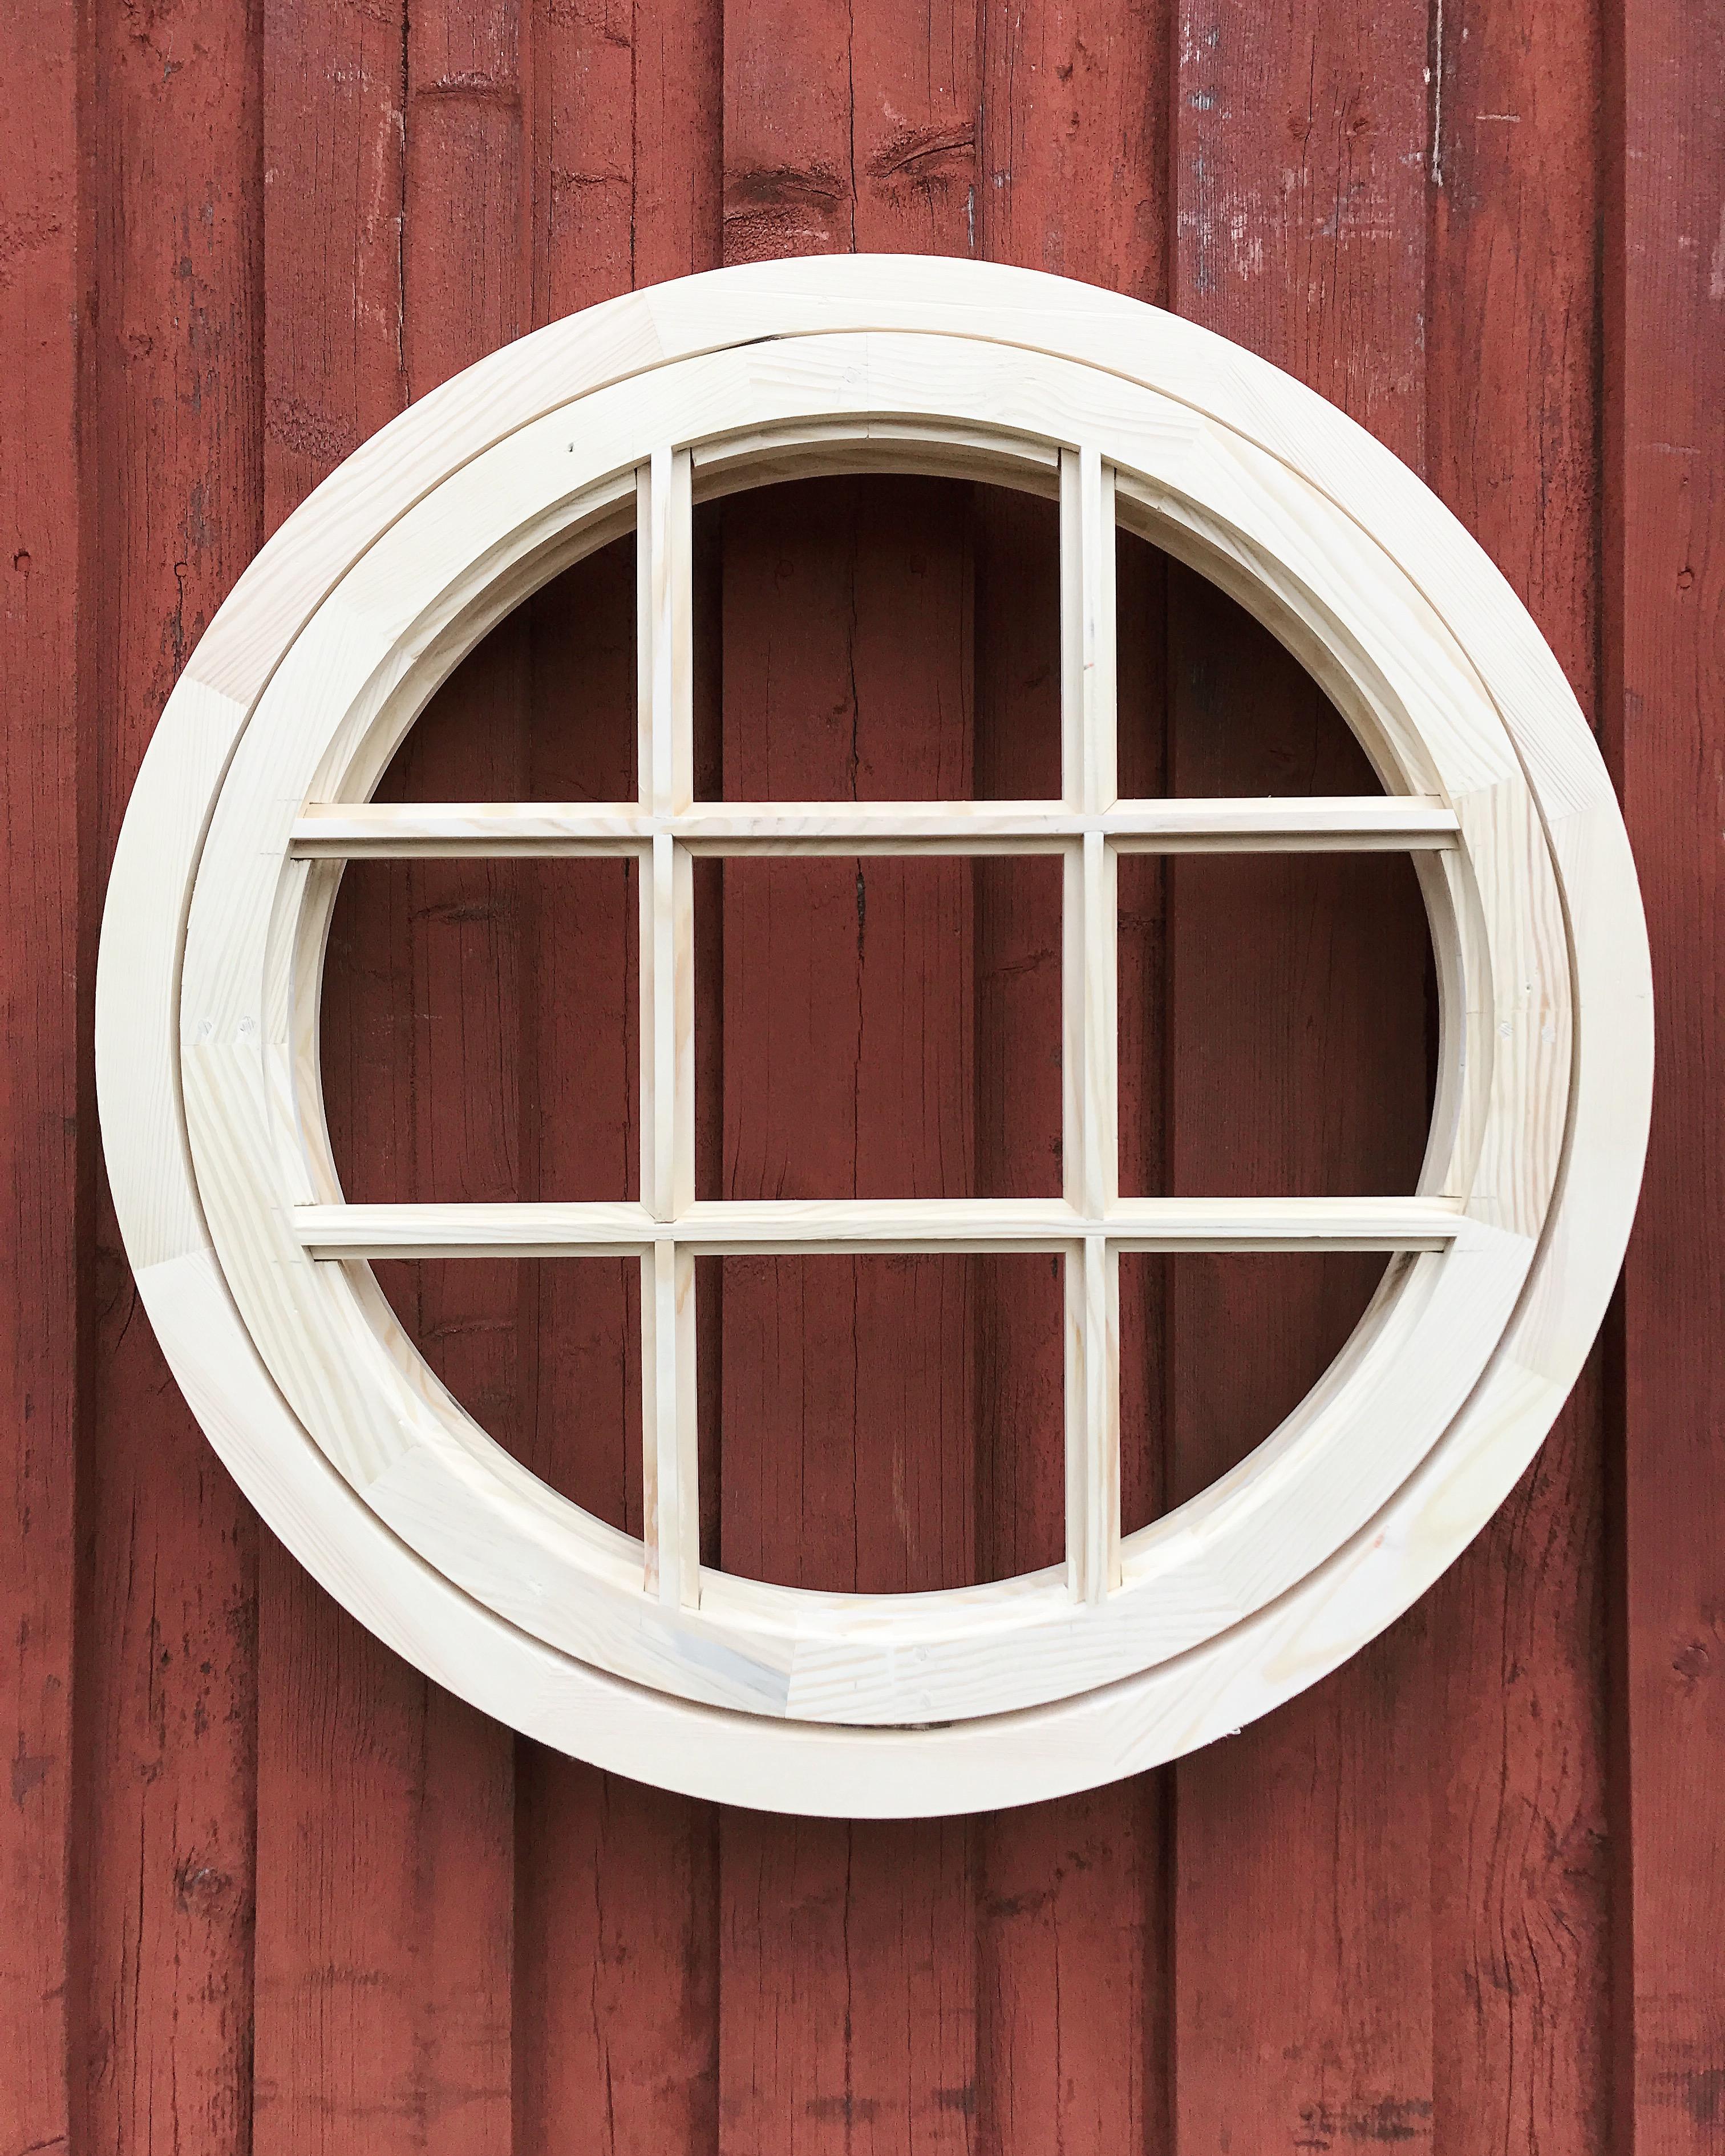 Litet fönster med spröjs